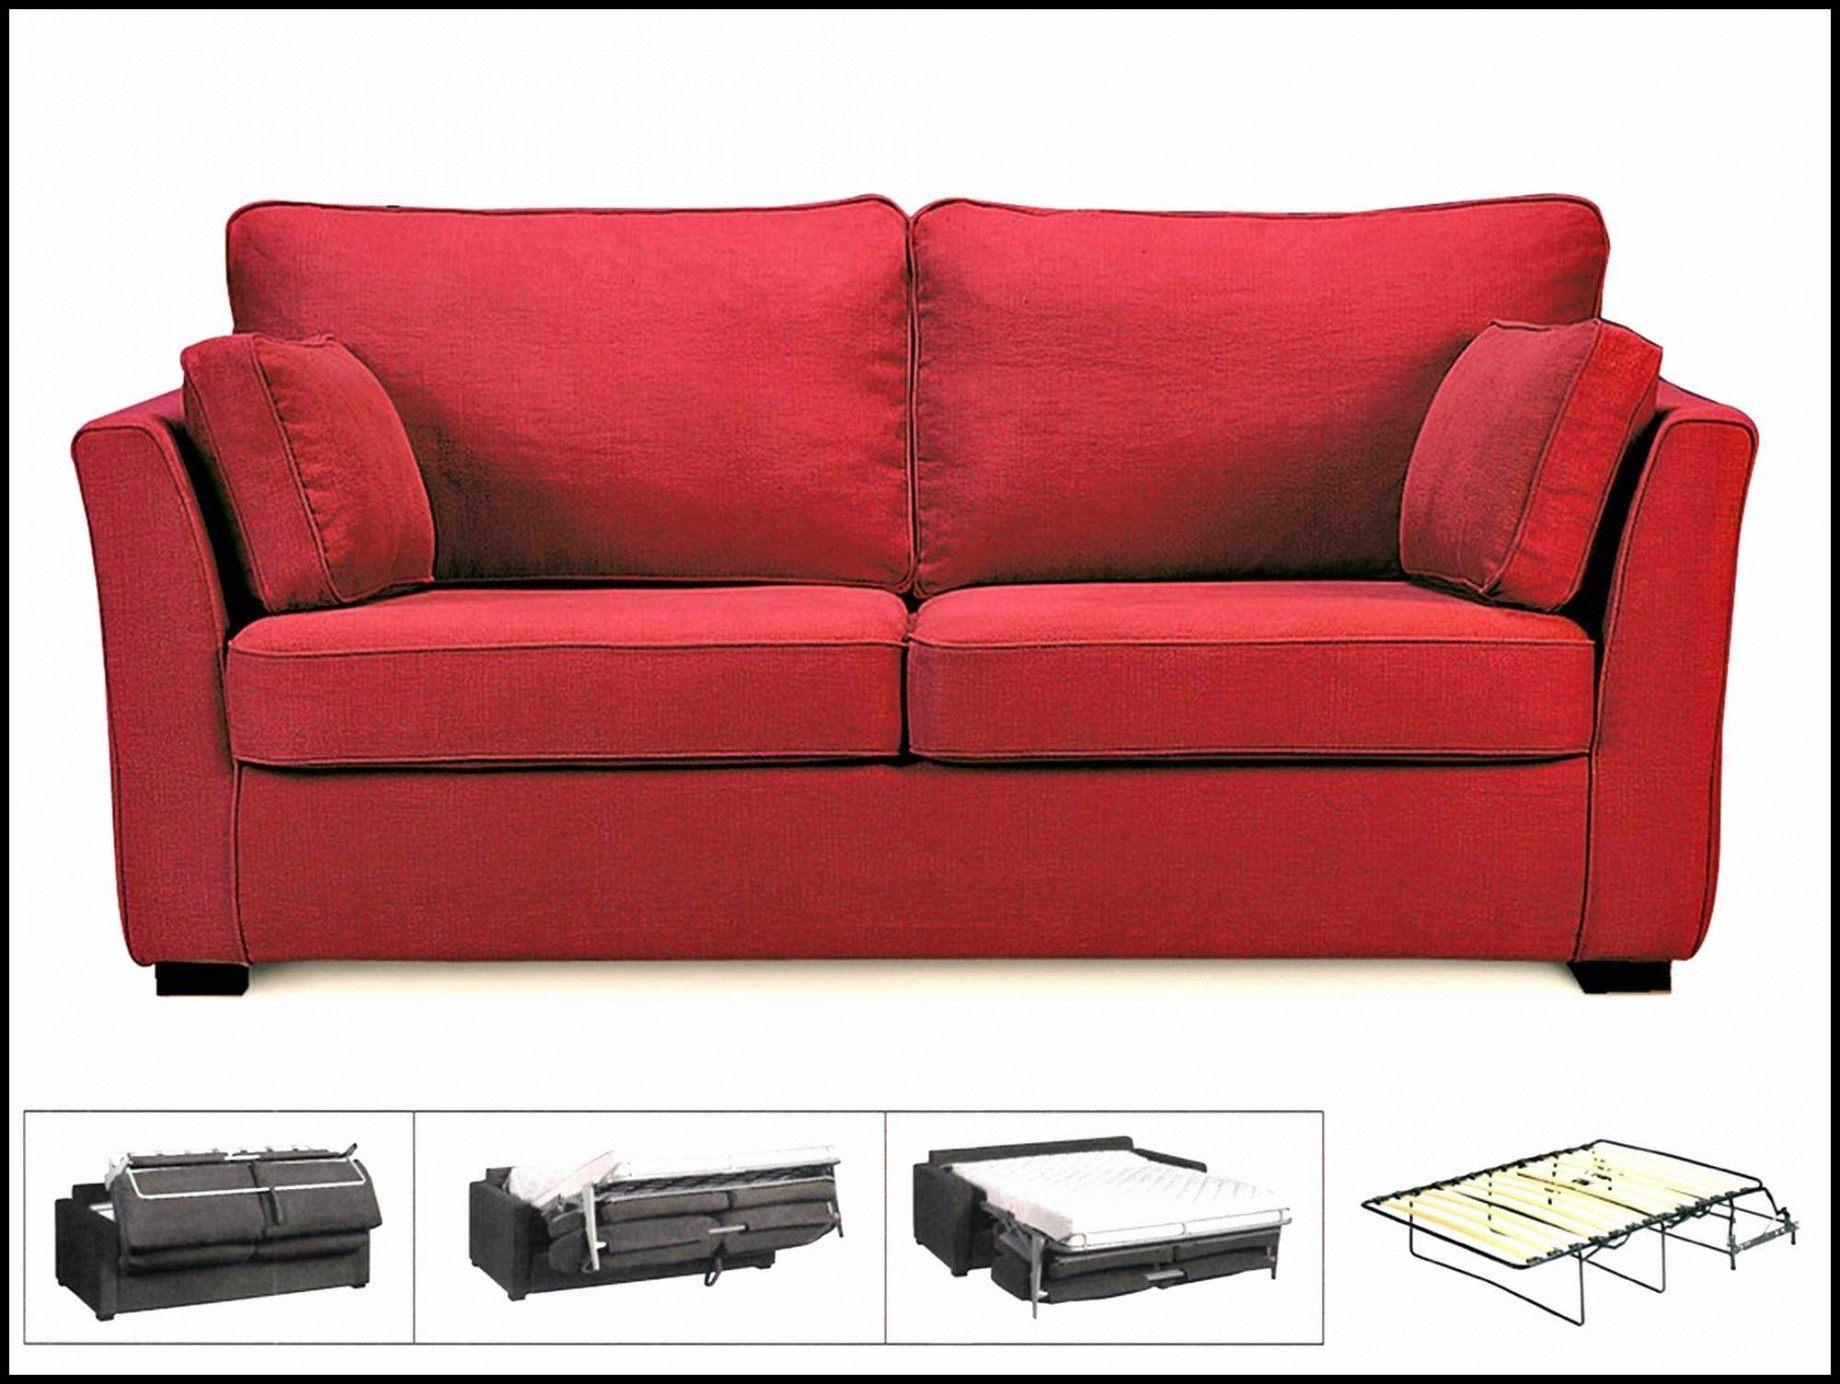 Canapé Lit Convertible Couchage Quotidien Fraîche Frais Canapé Lit Couchage Quoti N Ikea 36 Superbe Canapé